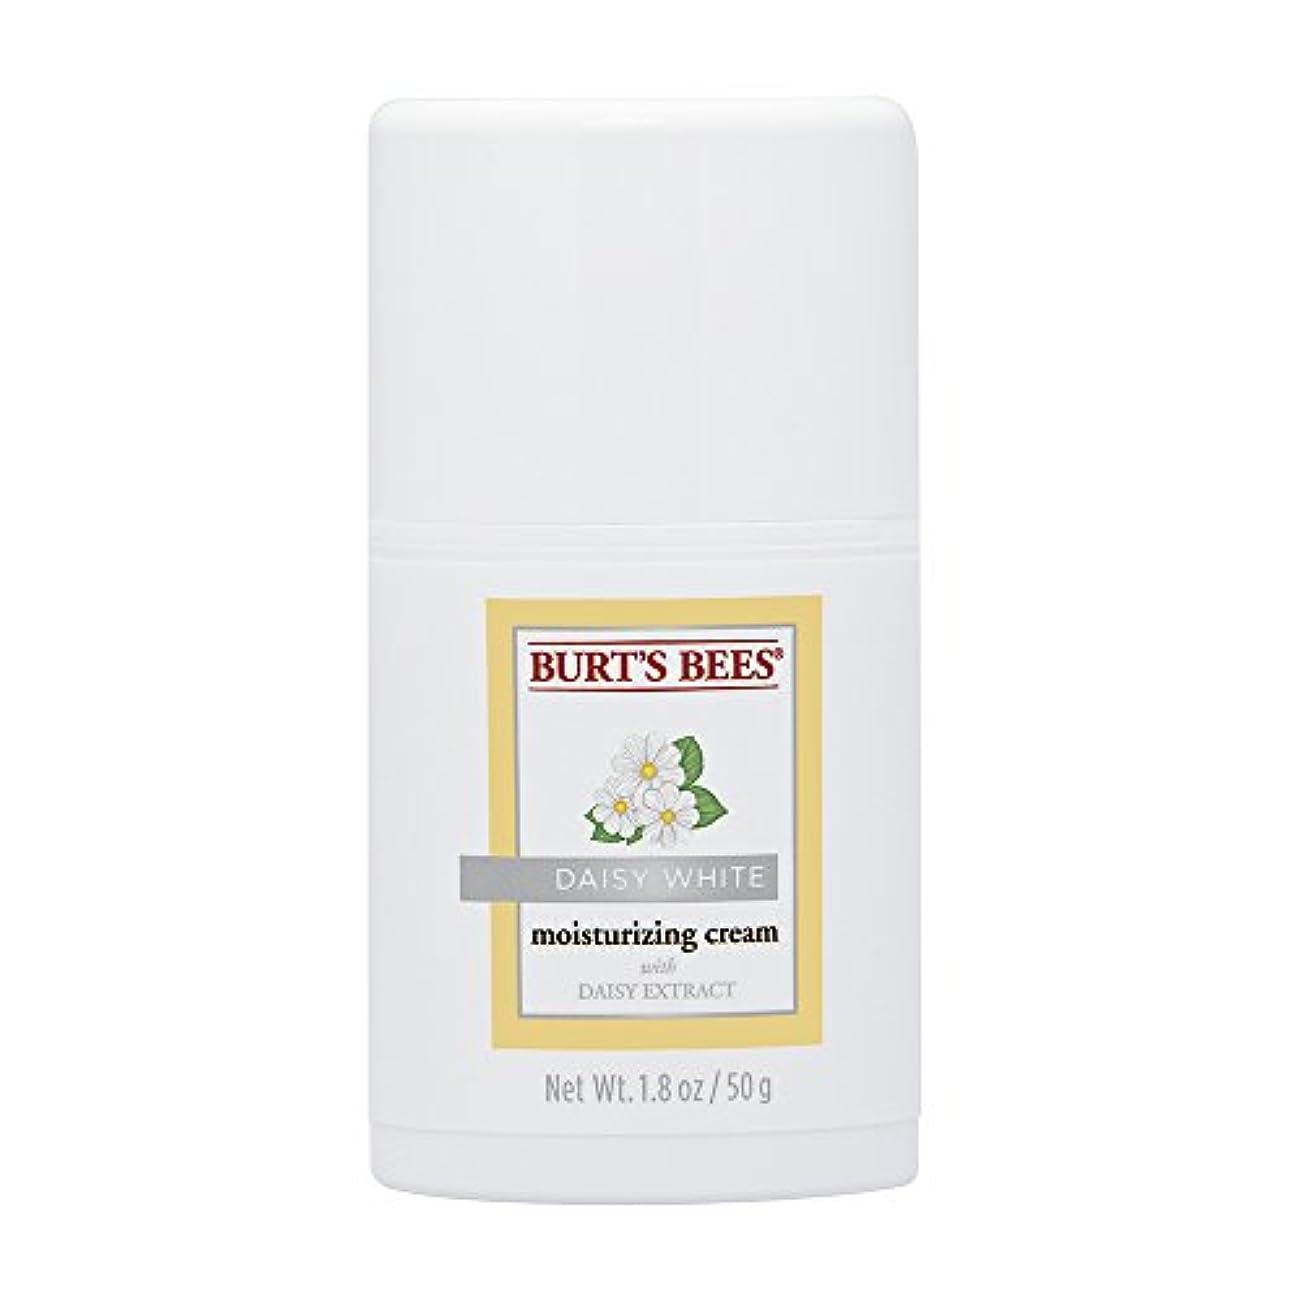 取り扱いお客様考古学的なバーツビーズ (Burt's Bees) デイジーホワイト モイスチャライジングクリーム 50g